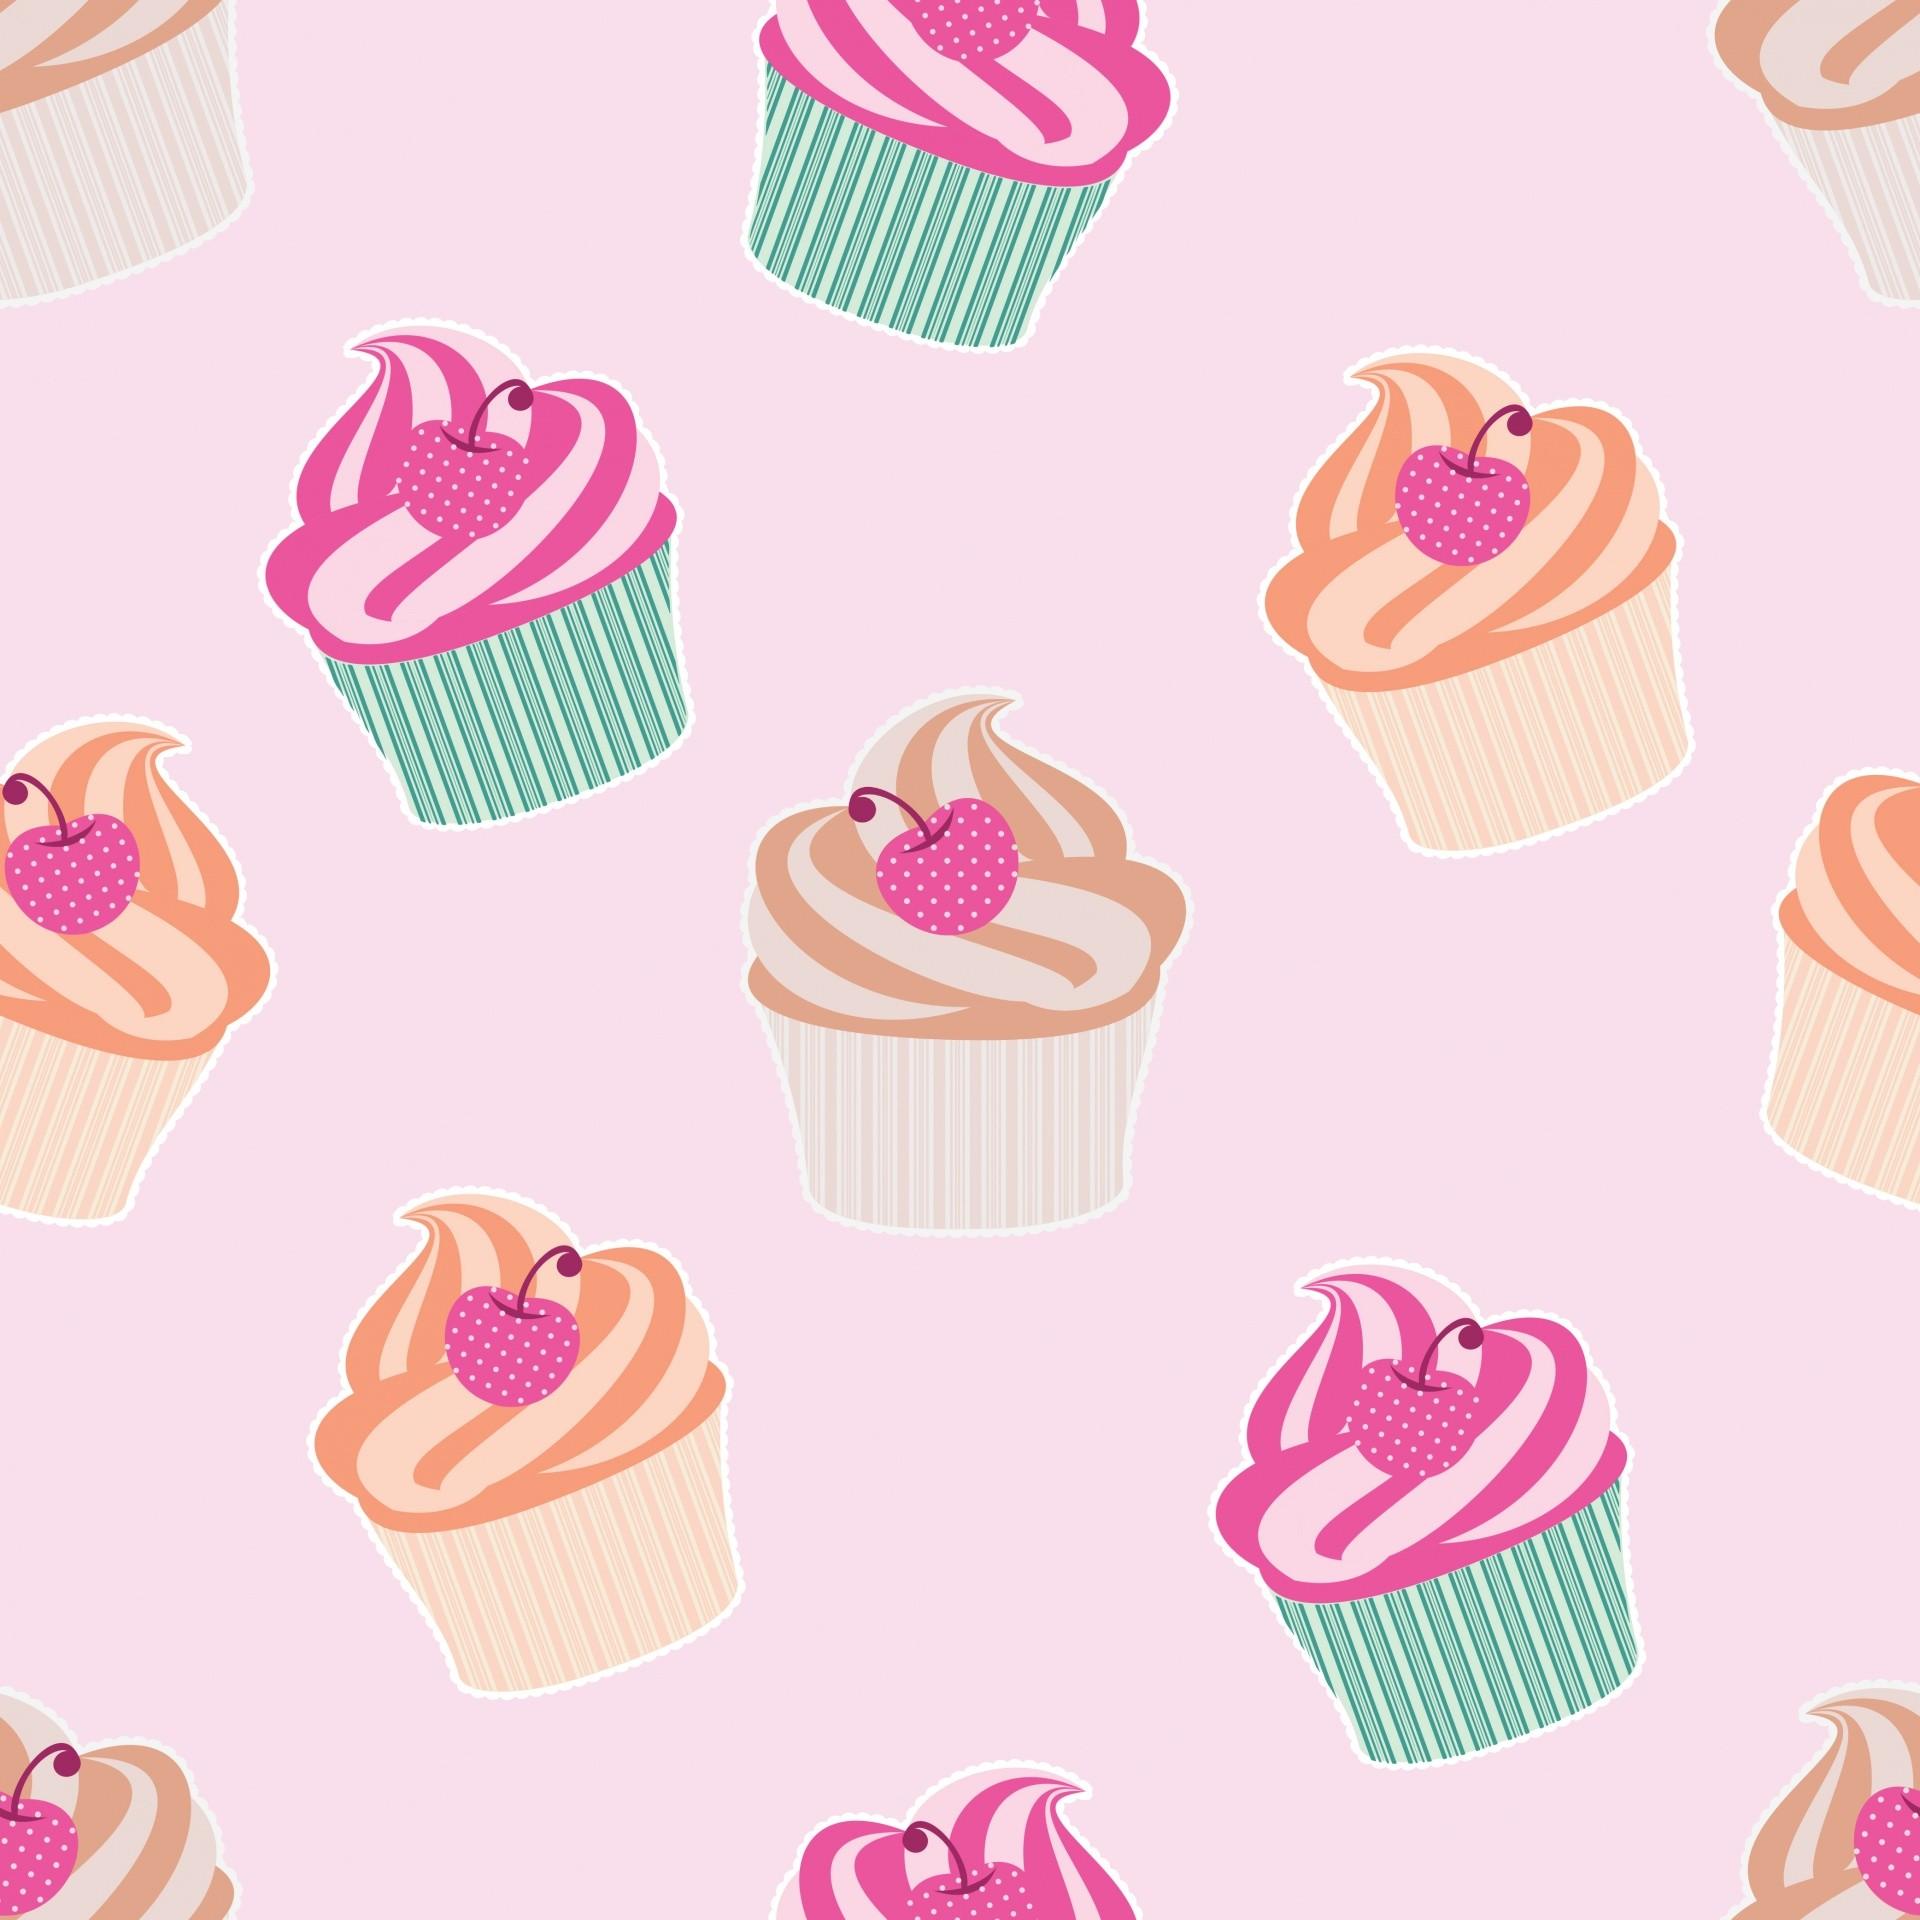 Pink CuPCake Wallpaper (63+ images)